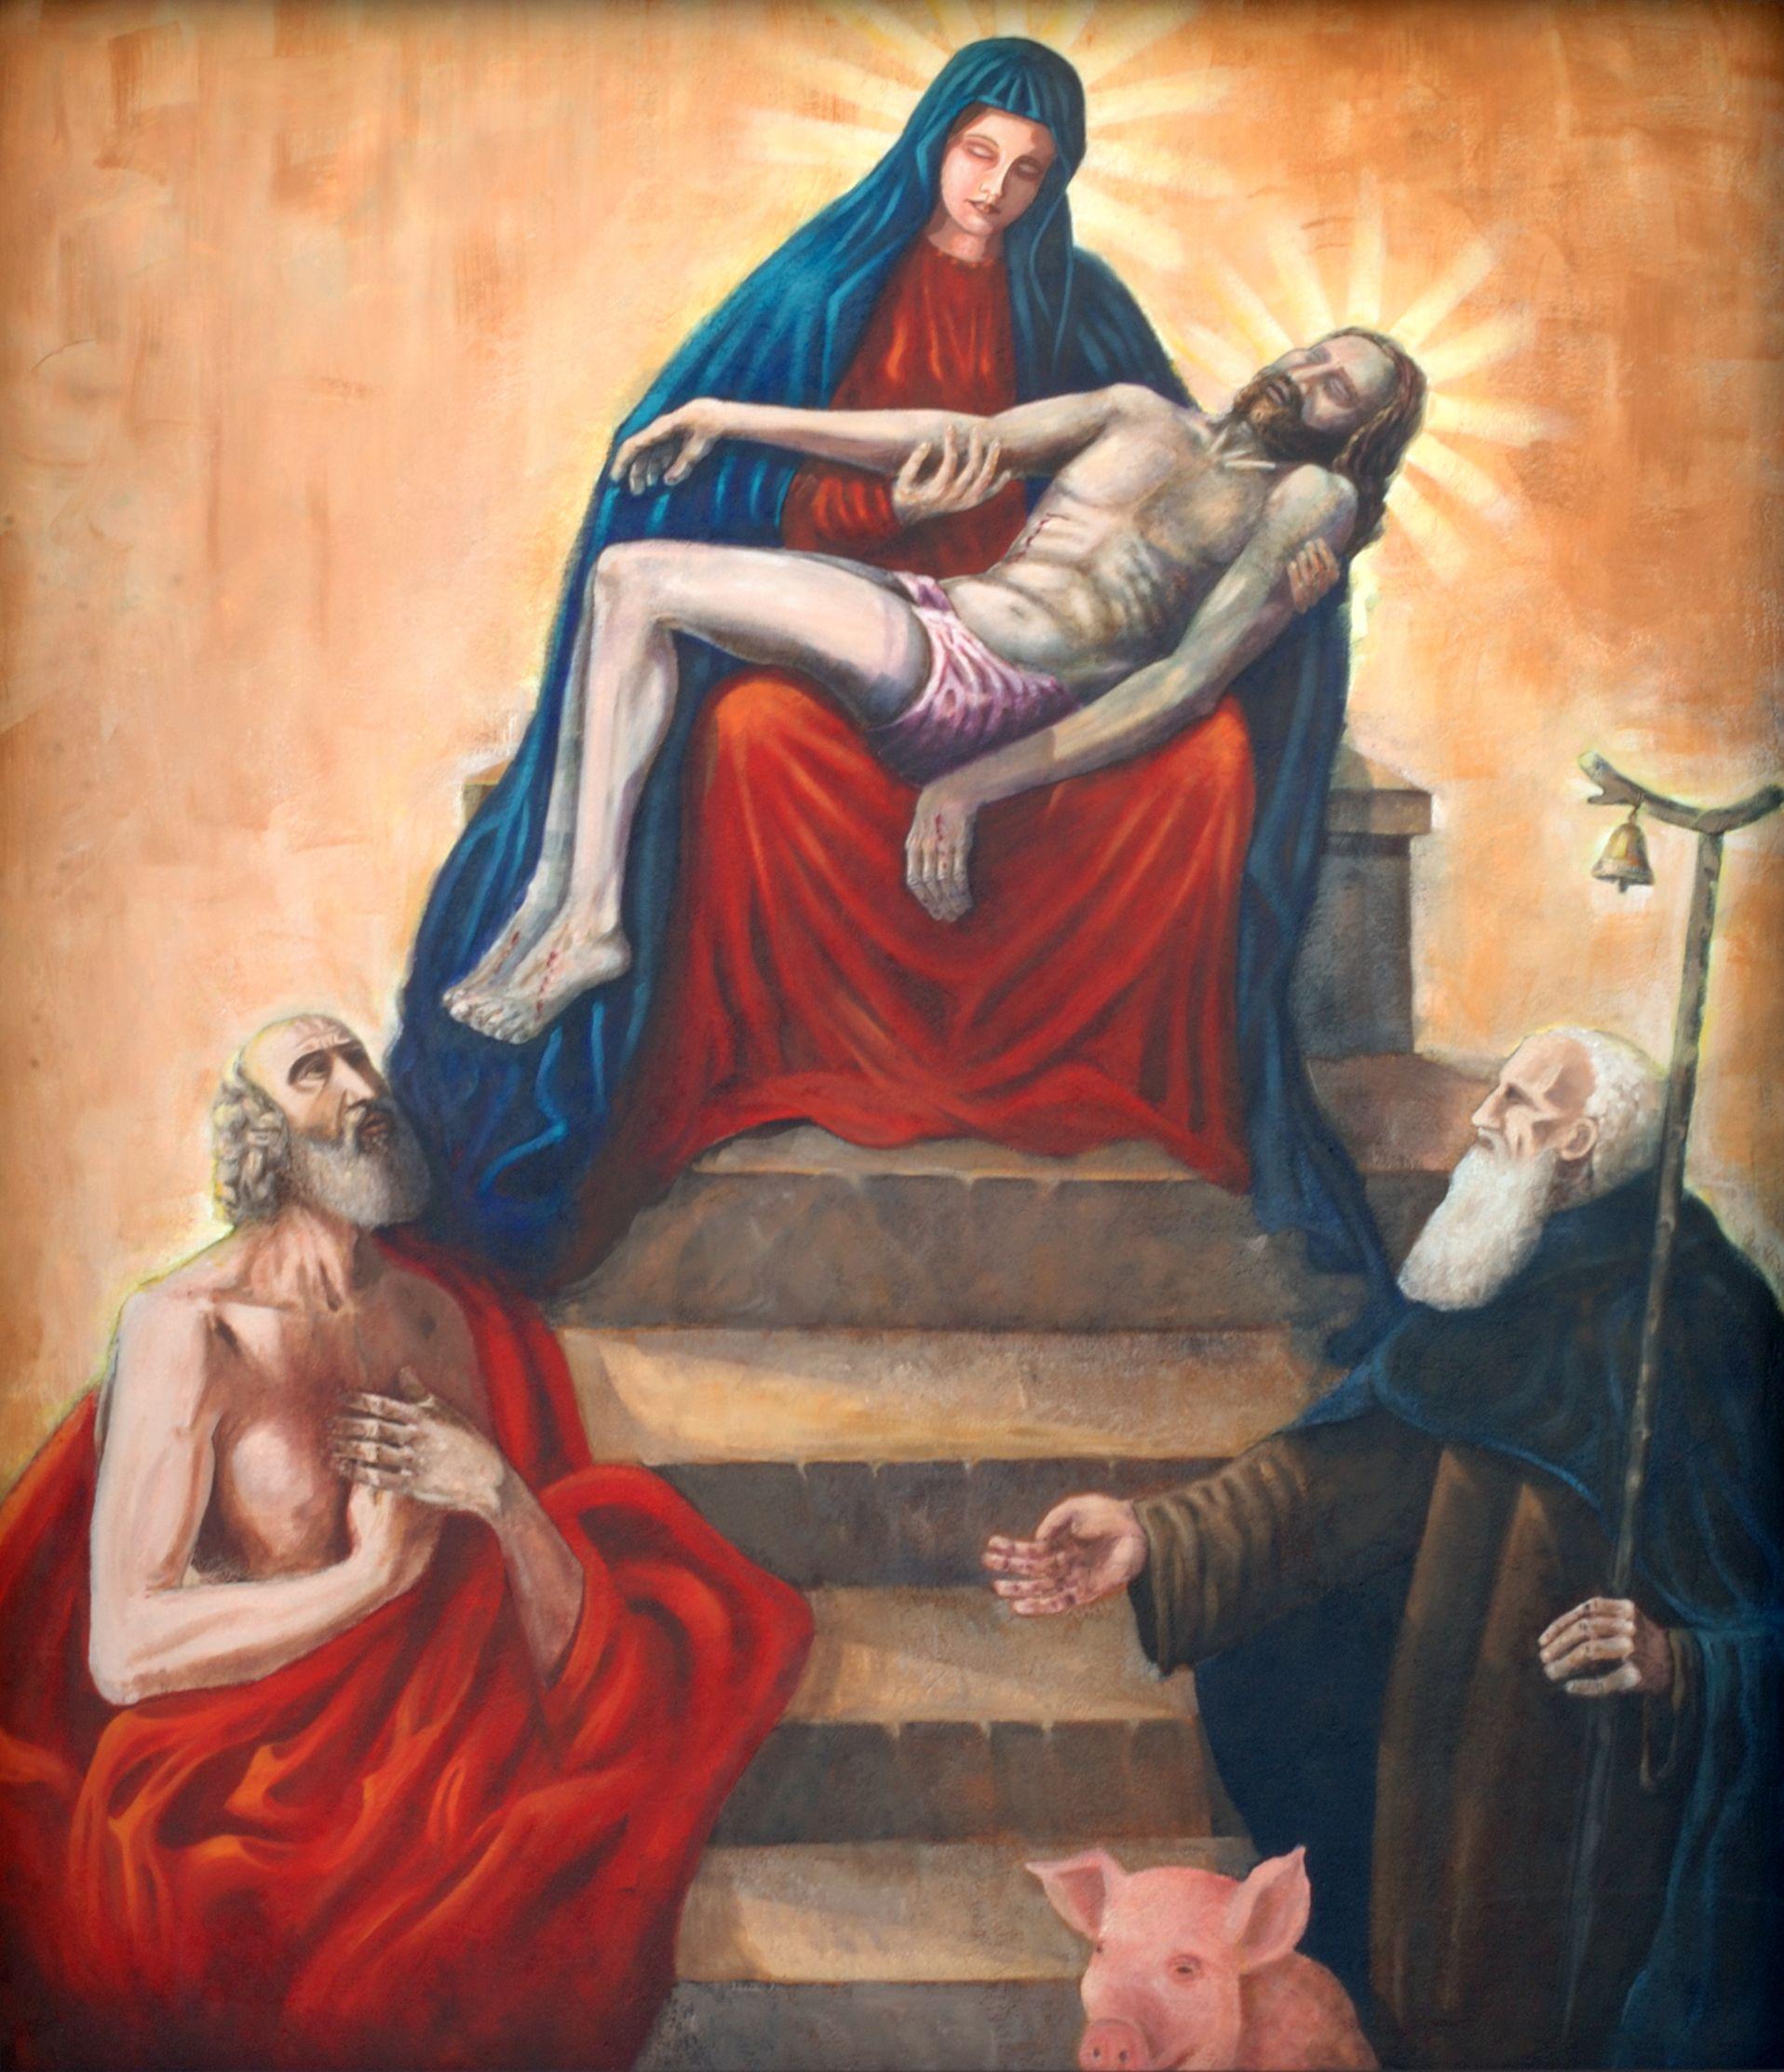 la pieta En effet, alors que je pensais bien à la pietà sculptée par michel-ange pour une chapelle de saint-pierre-de-rome (on se souvient de mes rêveries italiennes), je n'avais jusqu'alors jamais remarqué que je rêvais une pietà qui n'était pas une piéta — (éric calamote, l'expérience traumatique: clinique des agressions.